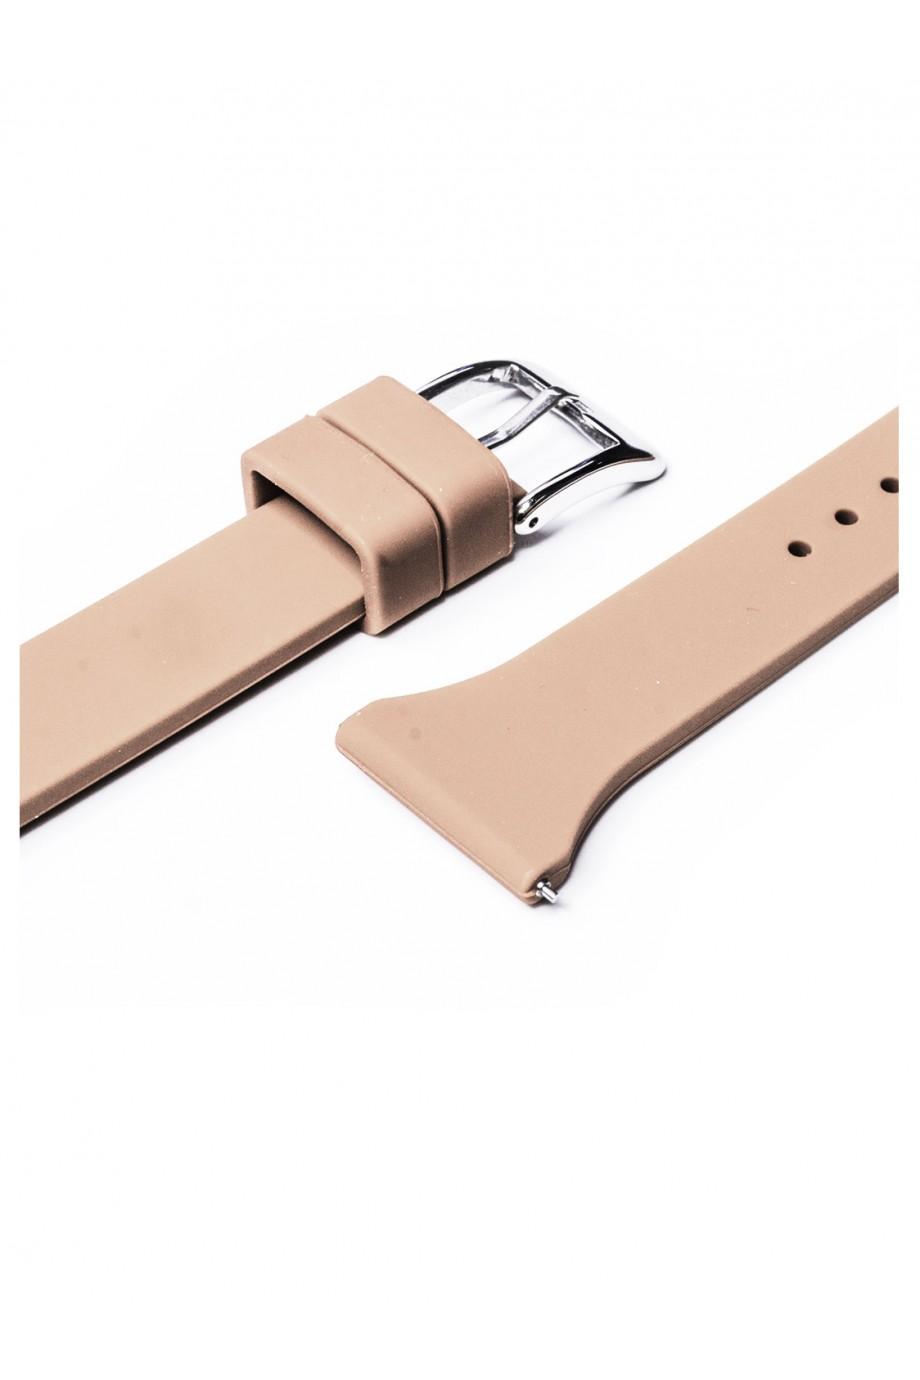 Силиконовый ремешок для Amazfit Stratos 2, 22 мм, застежка пряжка, бежевый, mkx057